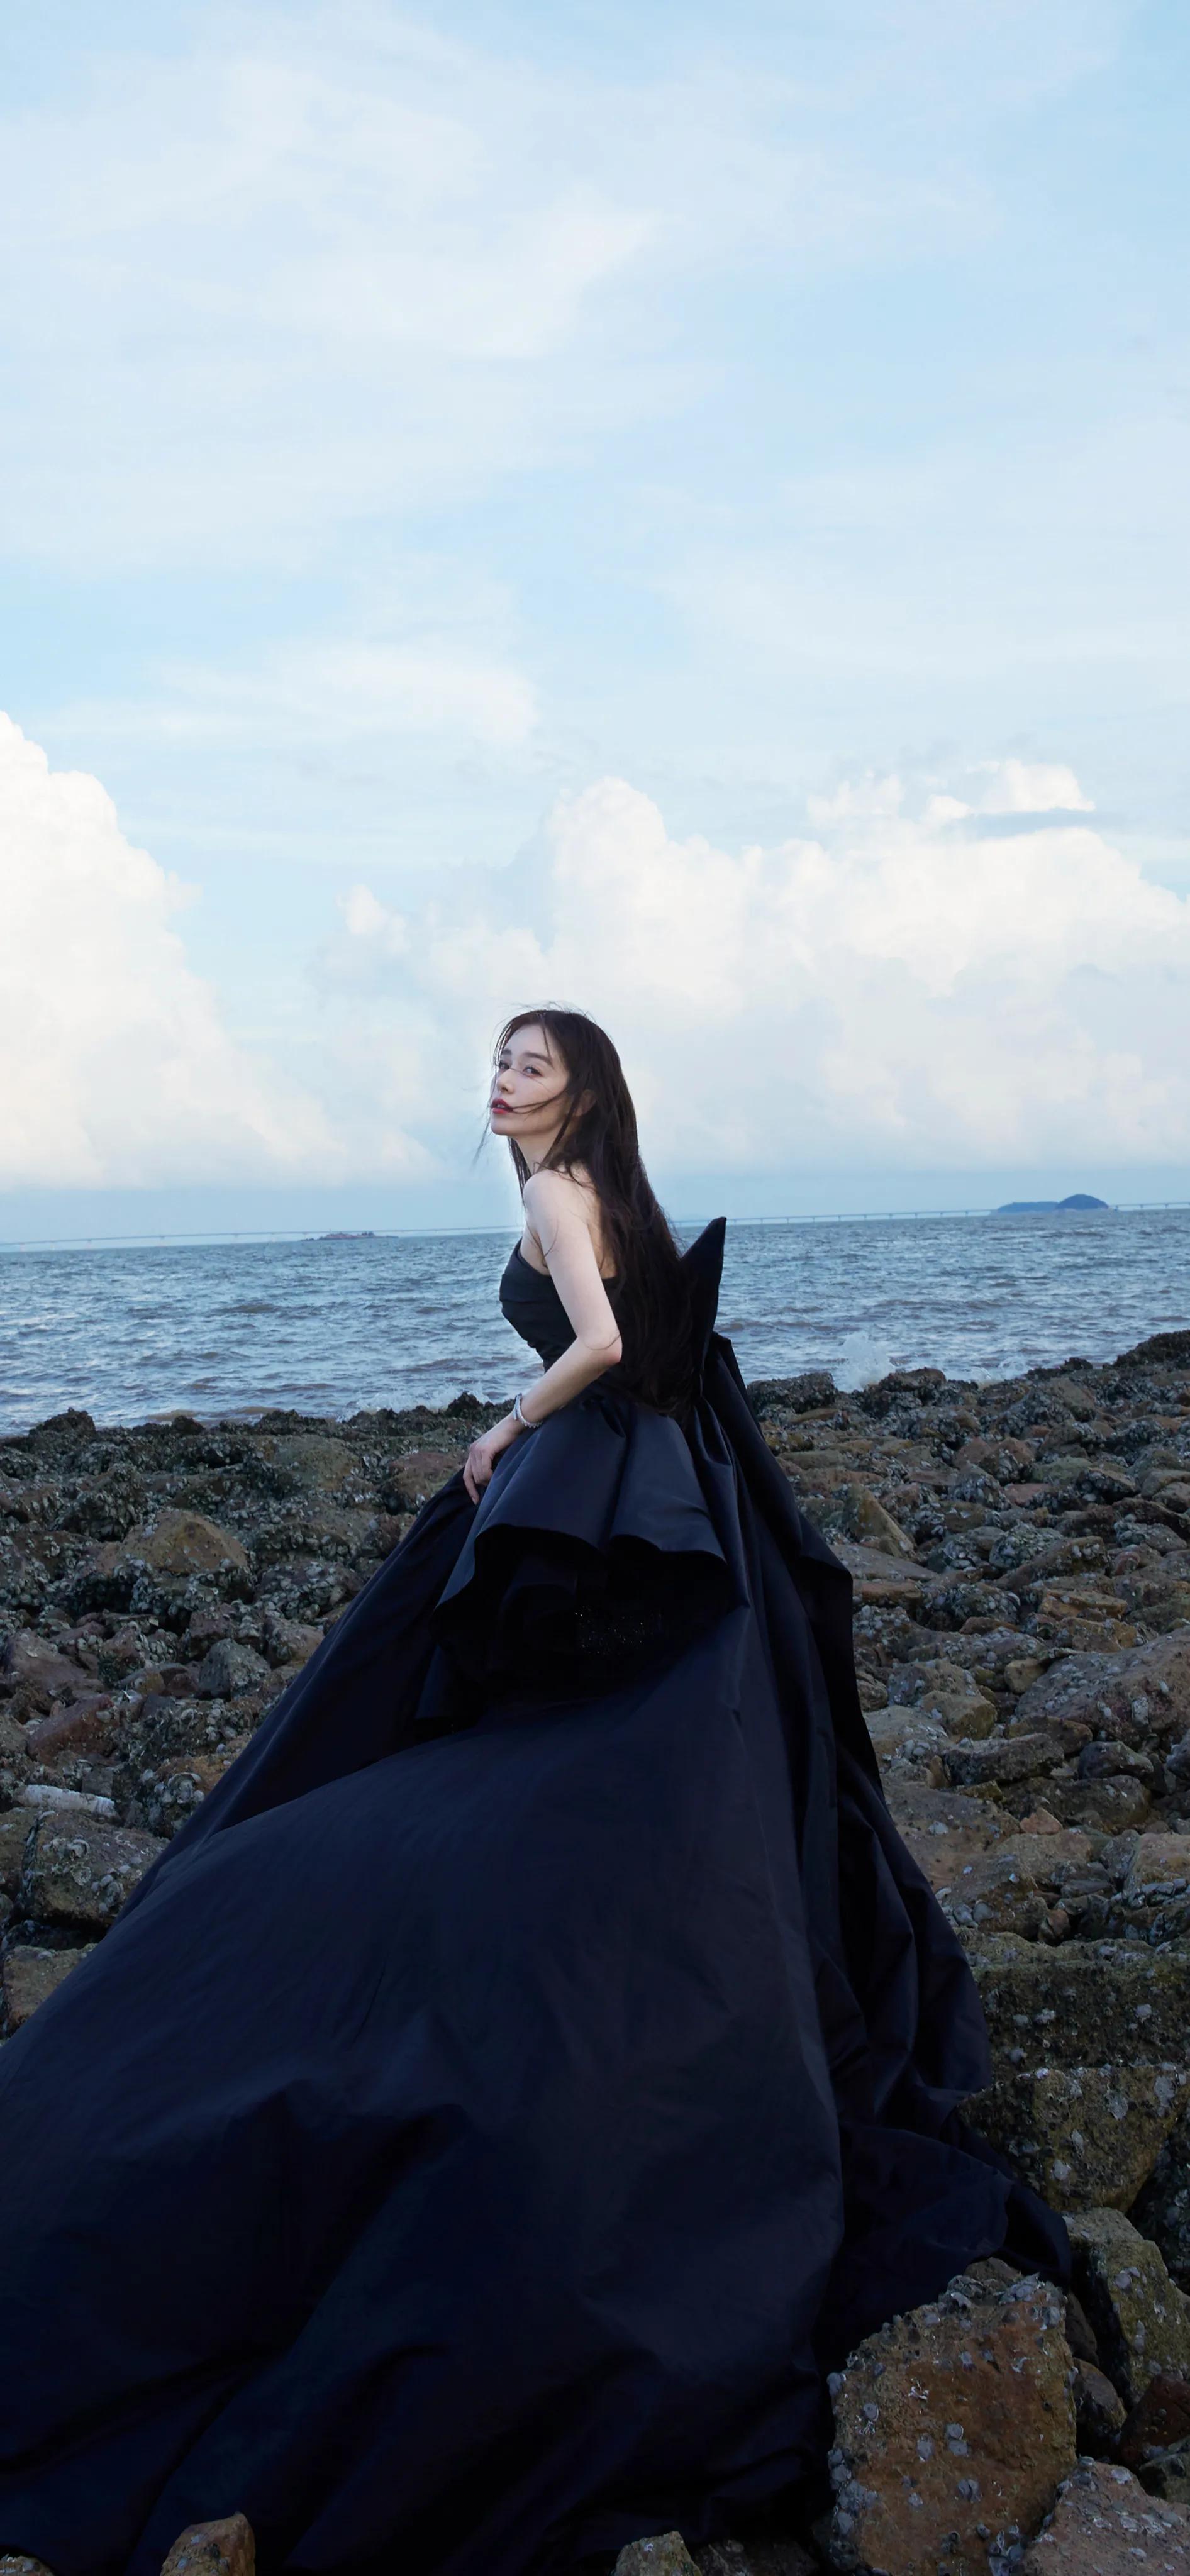 「阚清子壁纸」一色海天,一缕清风